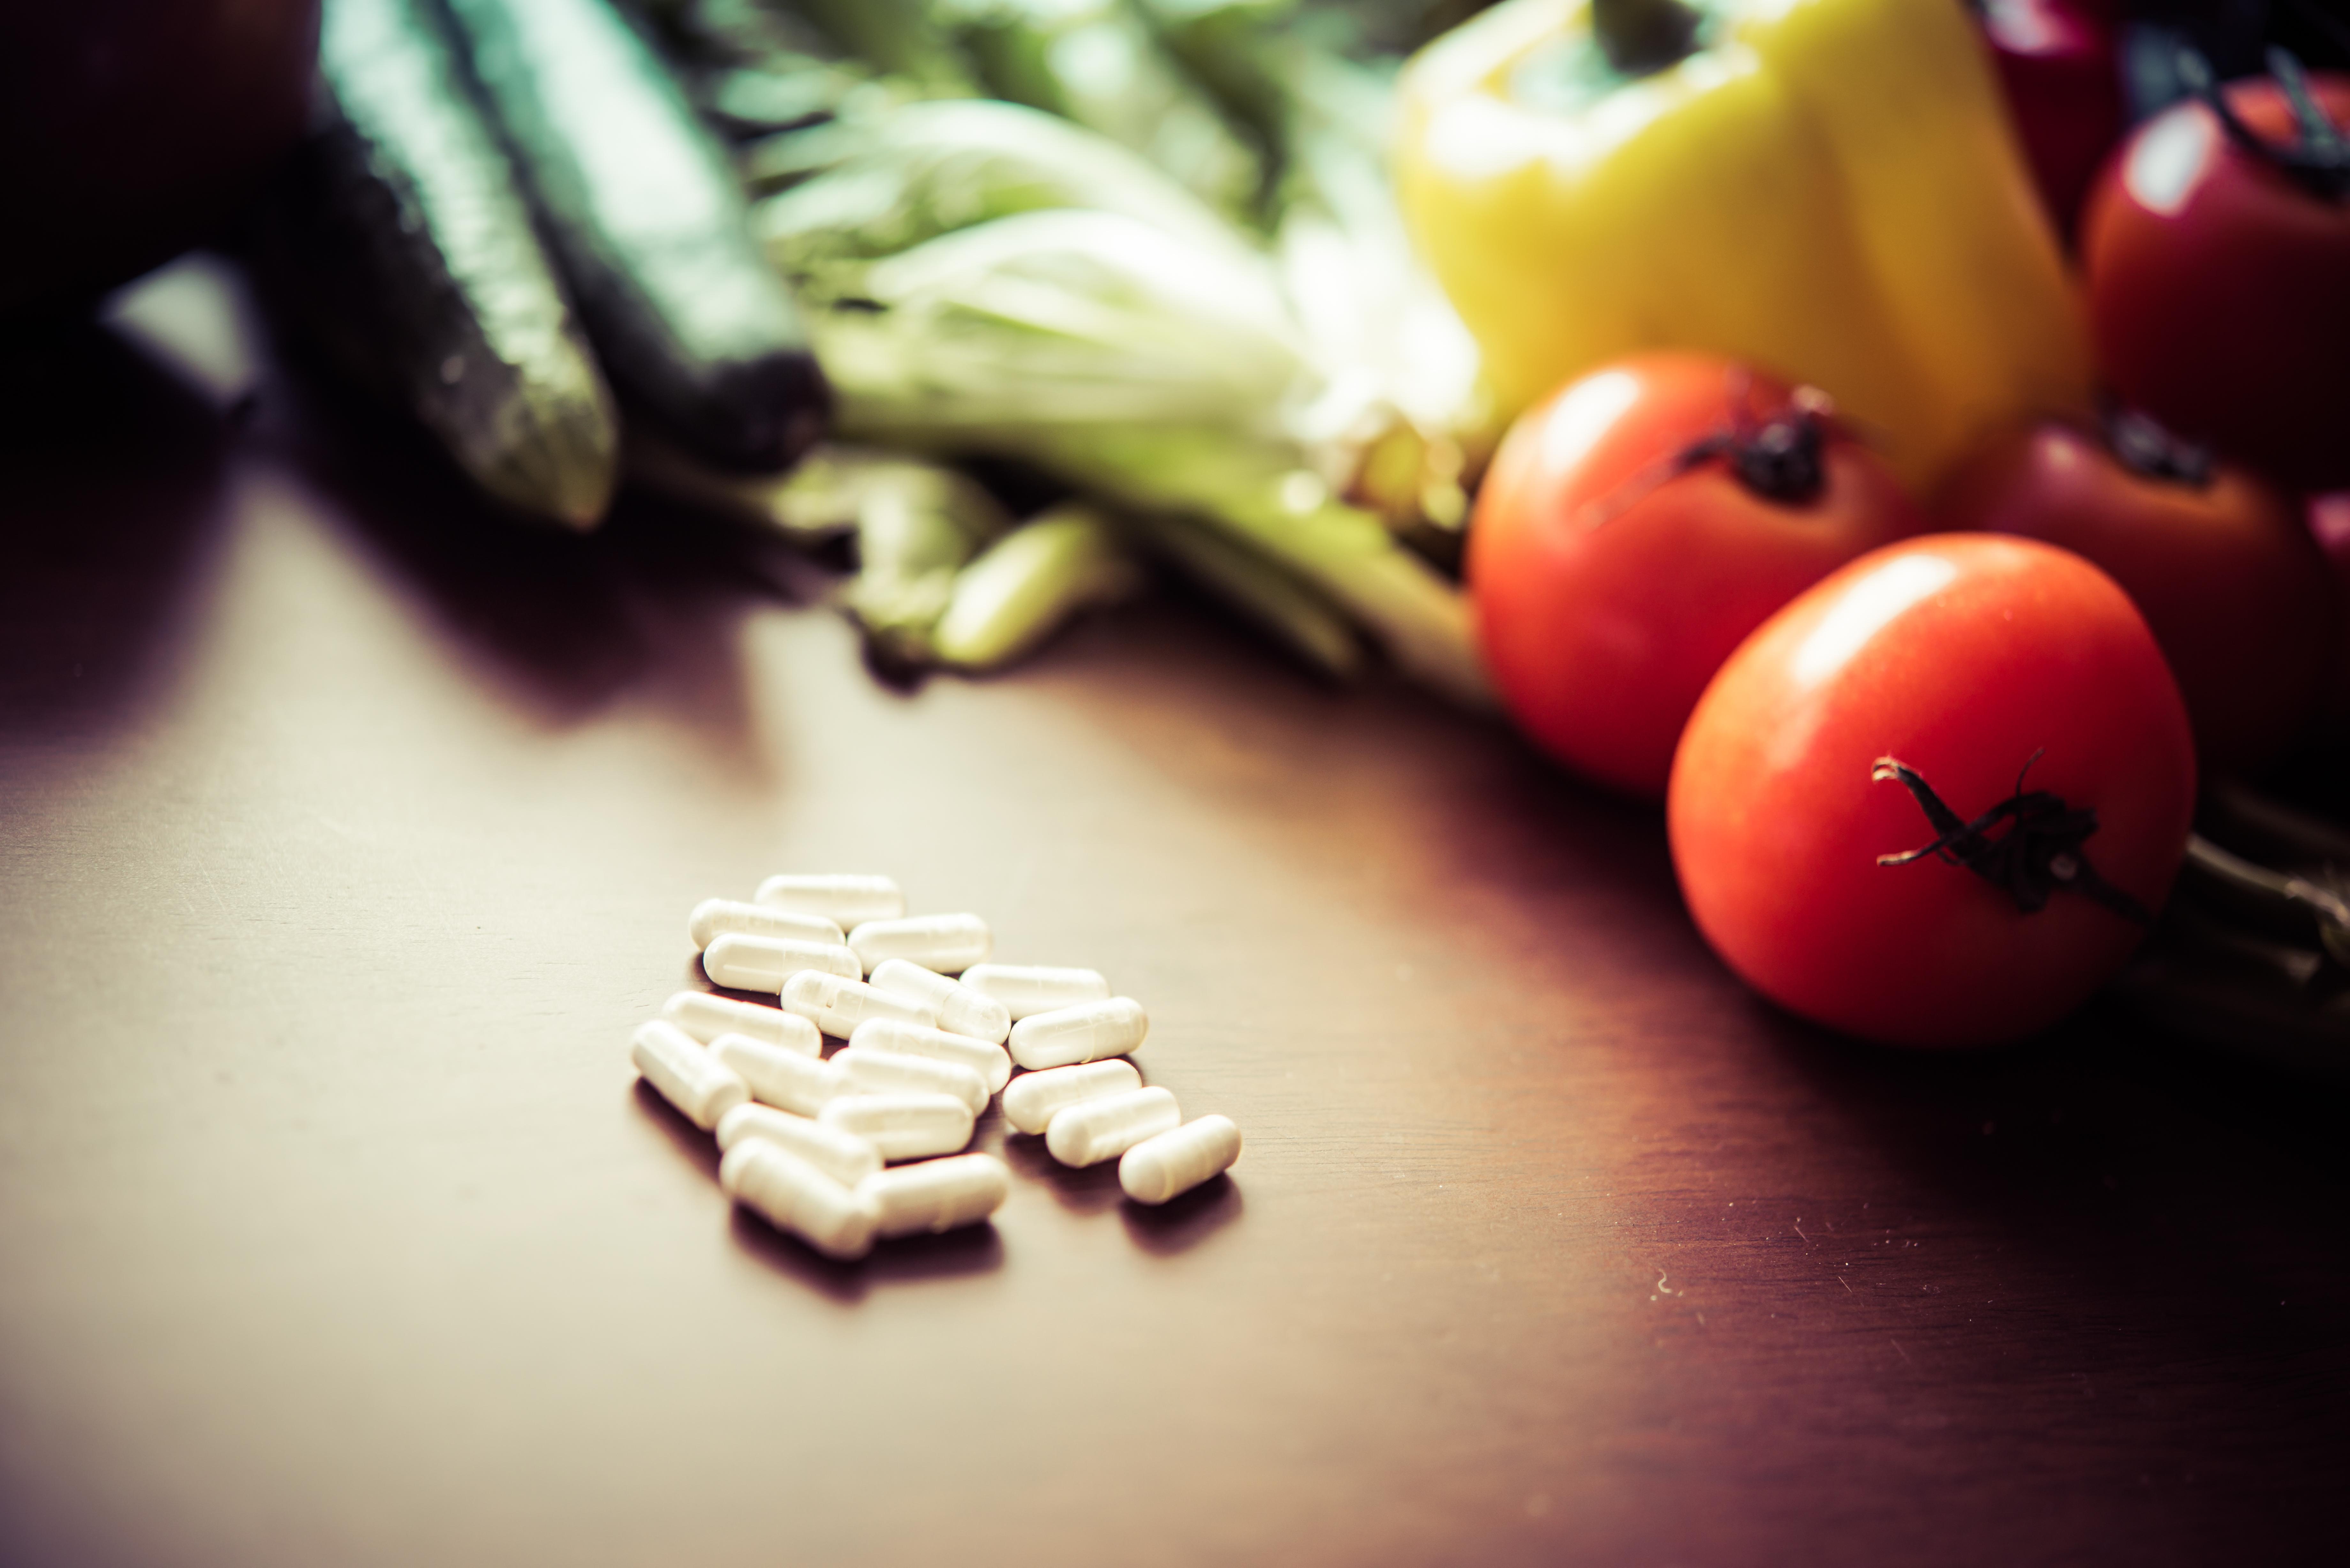 食物繊維サプリメントのおすすめ10選!飲むタイミングや効果も解説